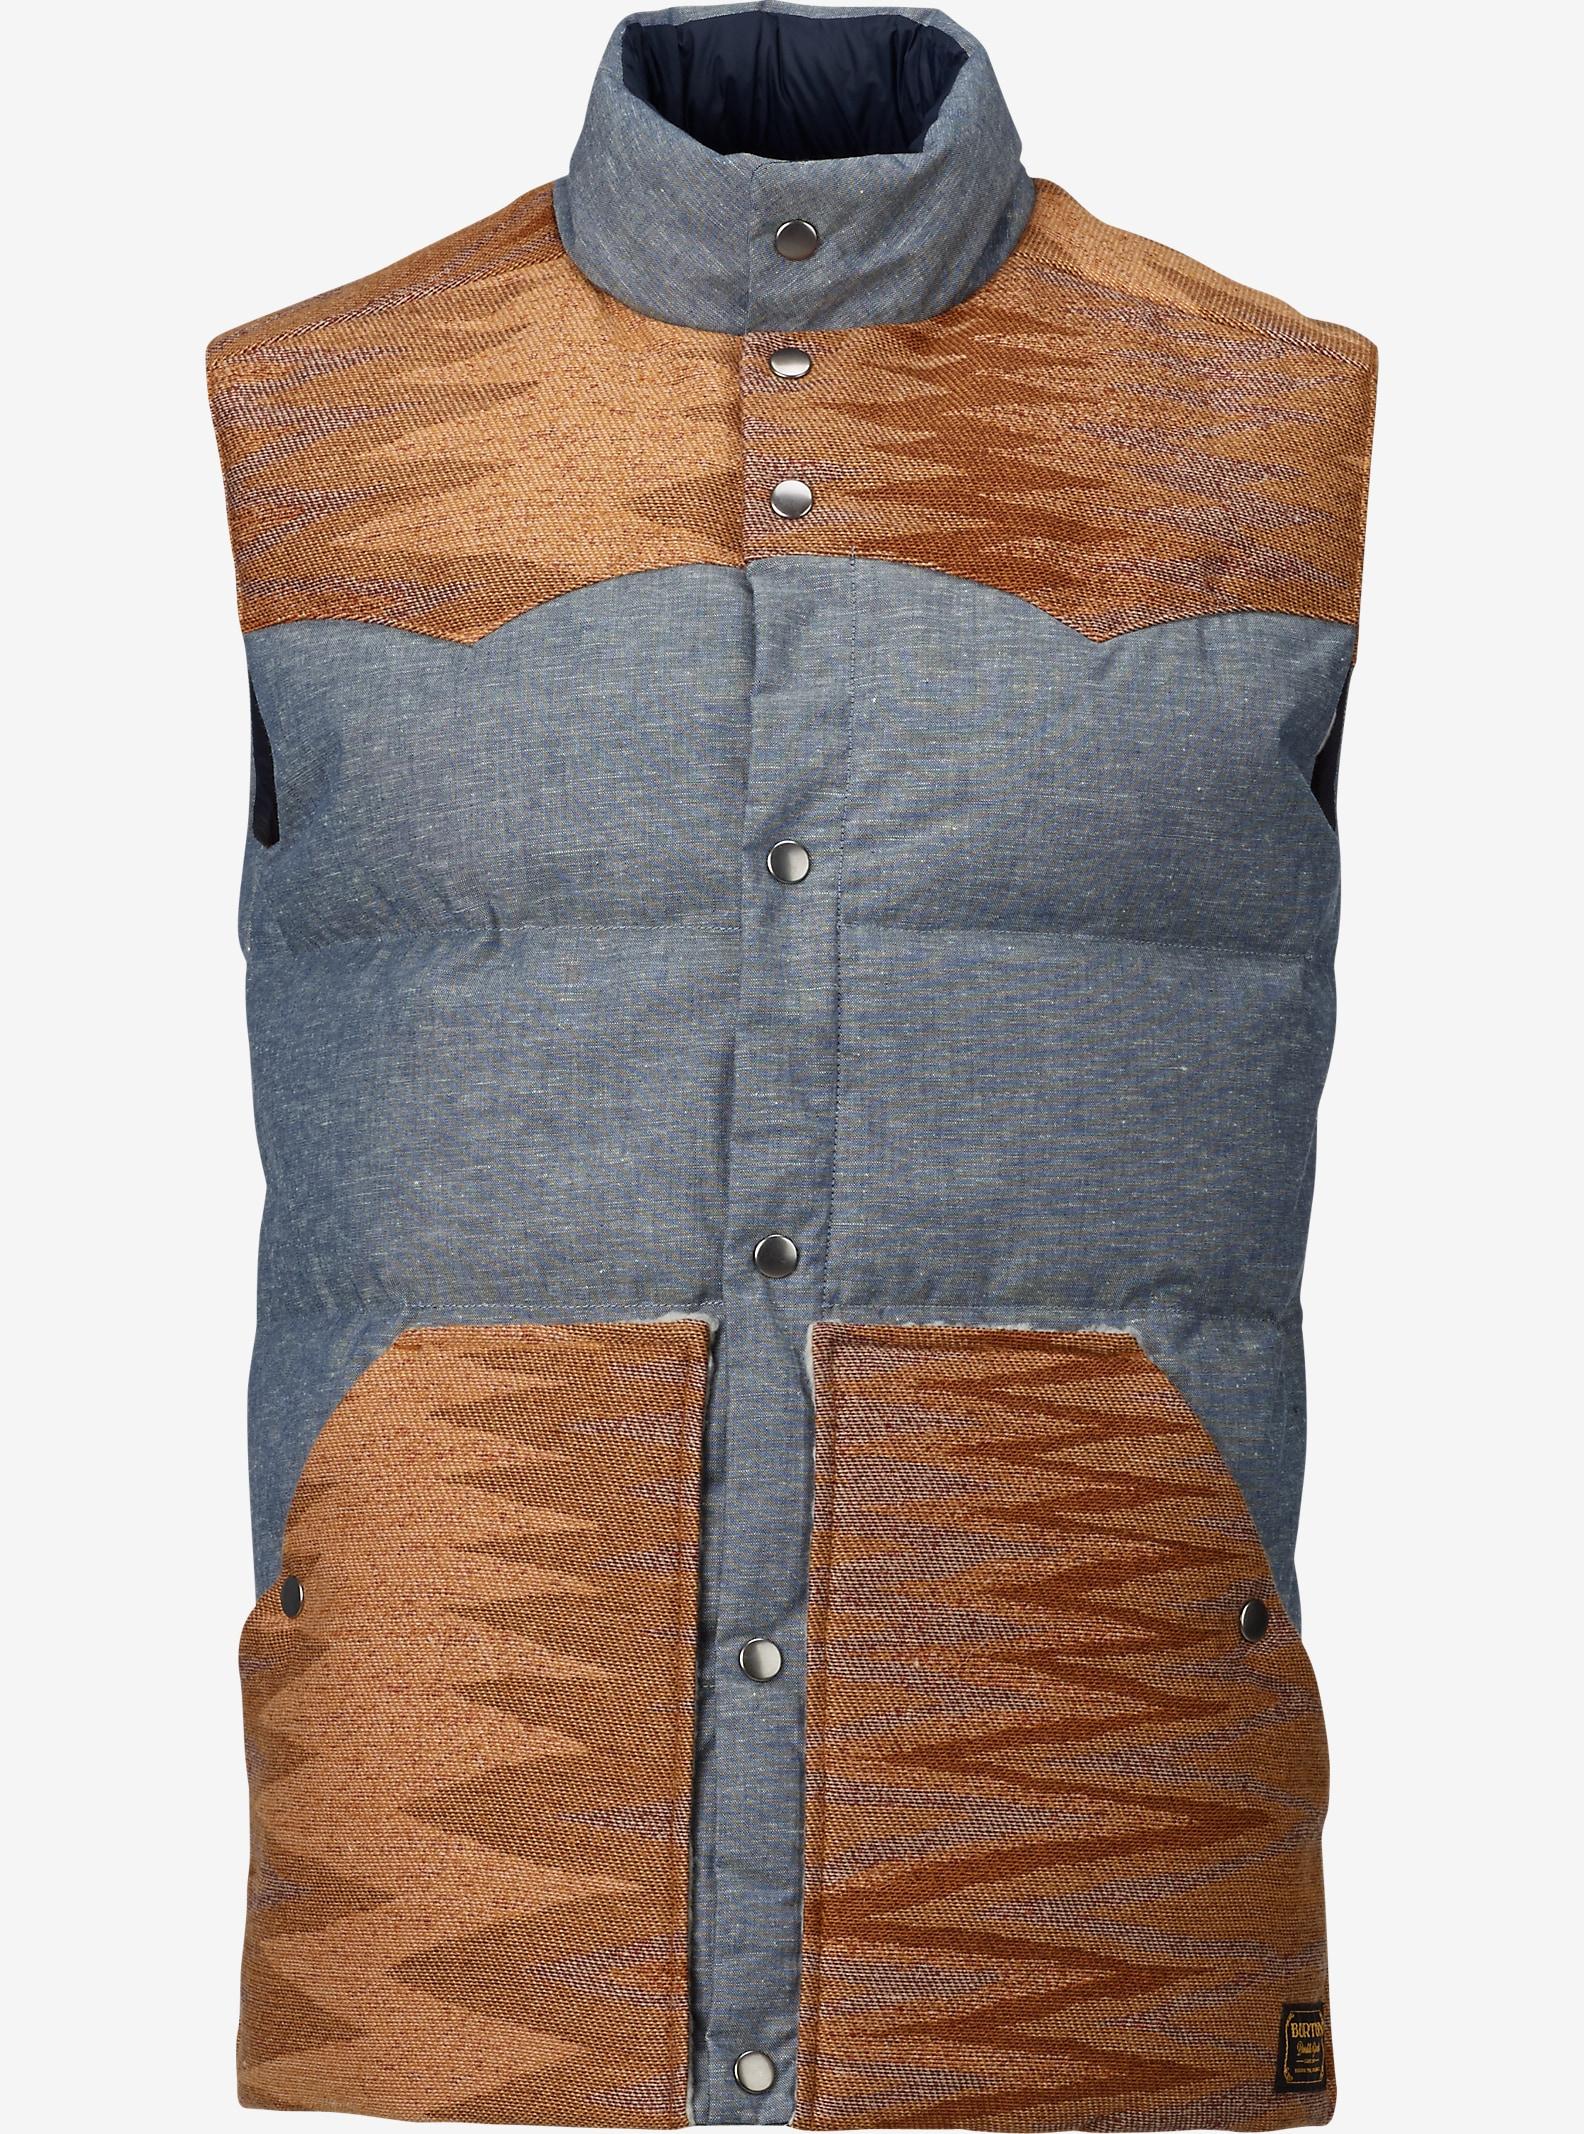 Burton Wayward Vest shown in Chambray / Shiprock